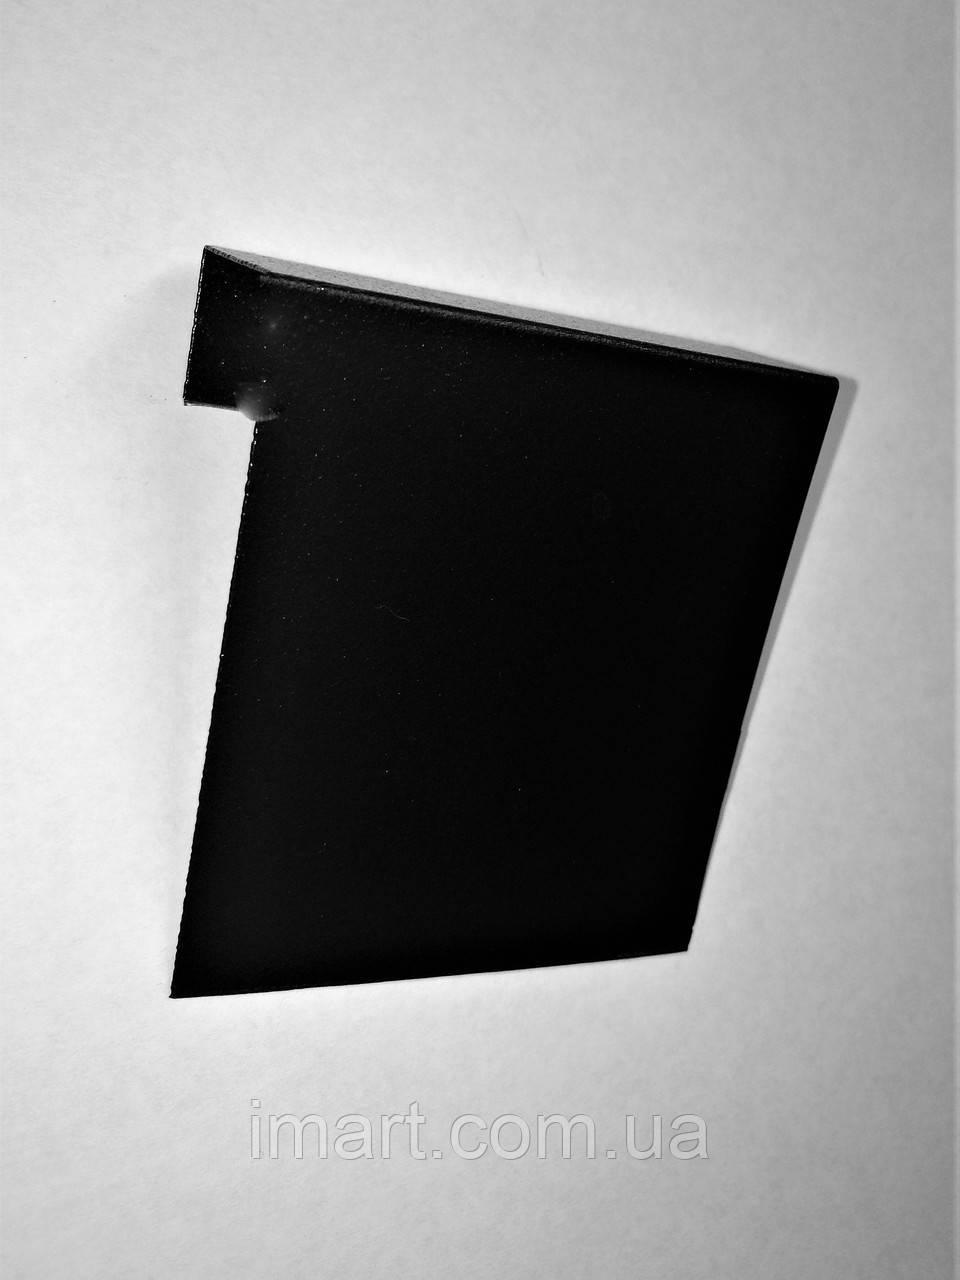 Меловой ценник 10х10 см П-образный на полку. Грифельная табличка на стеллаж. Для надписей мелом и маркером.